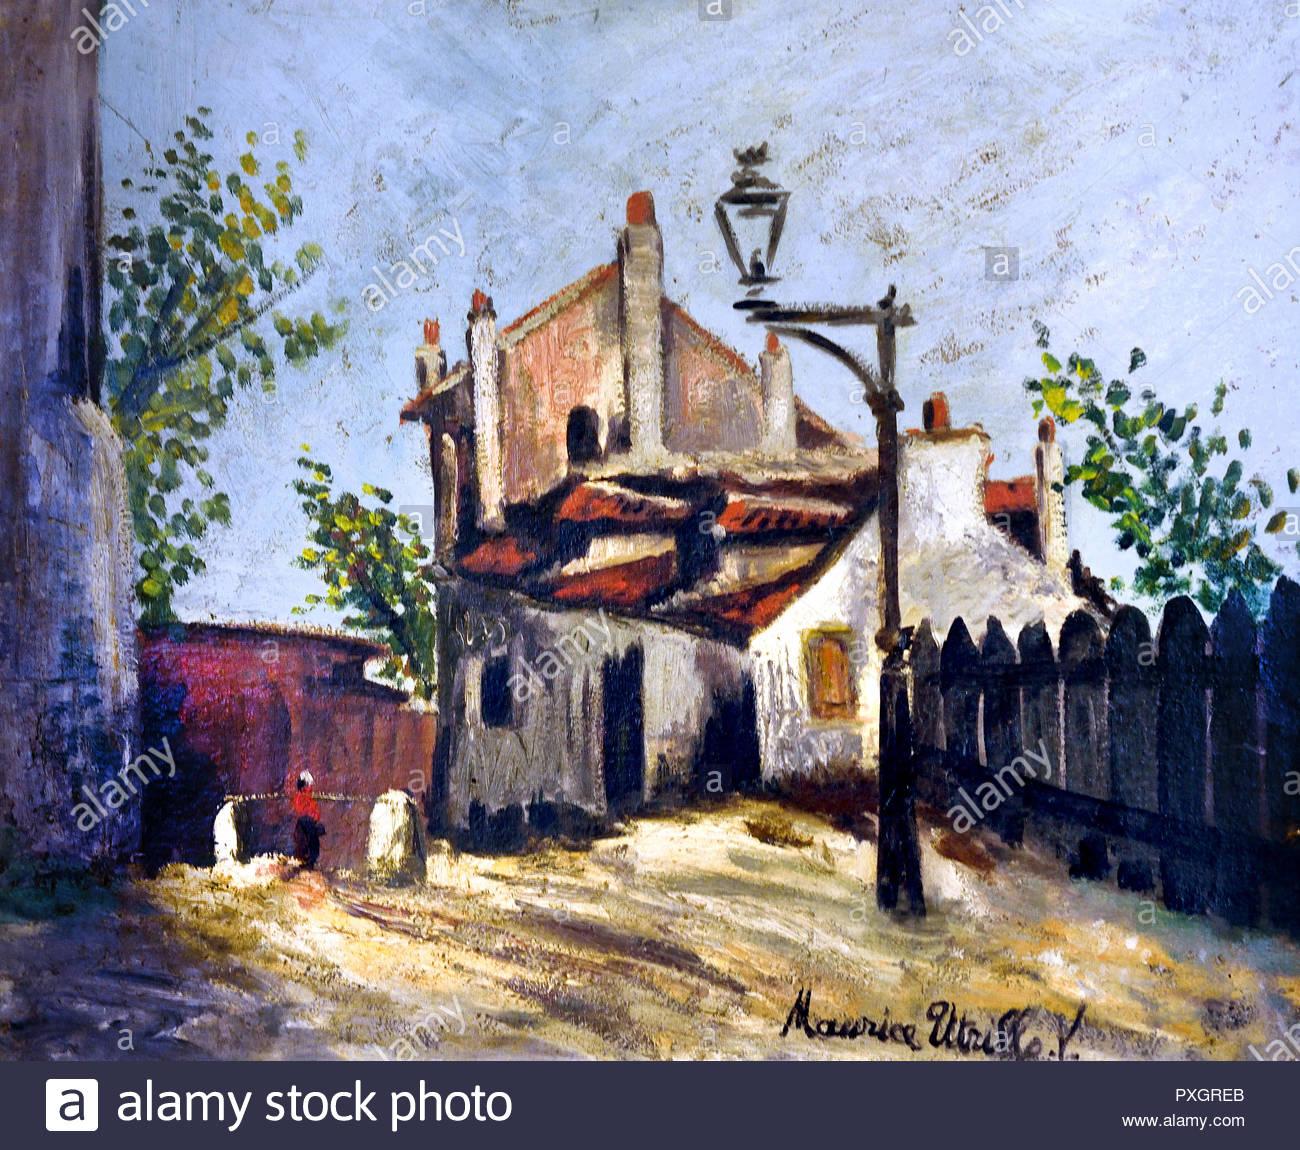 Maurice Utrillo (1883-1955) Rue du Mont-Cénis 1910 aus dem 19. Jahrhundert, Italien, Italienisch. Stockbild